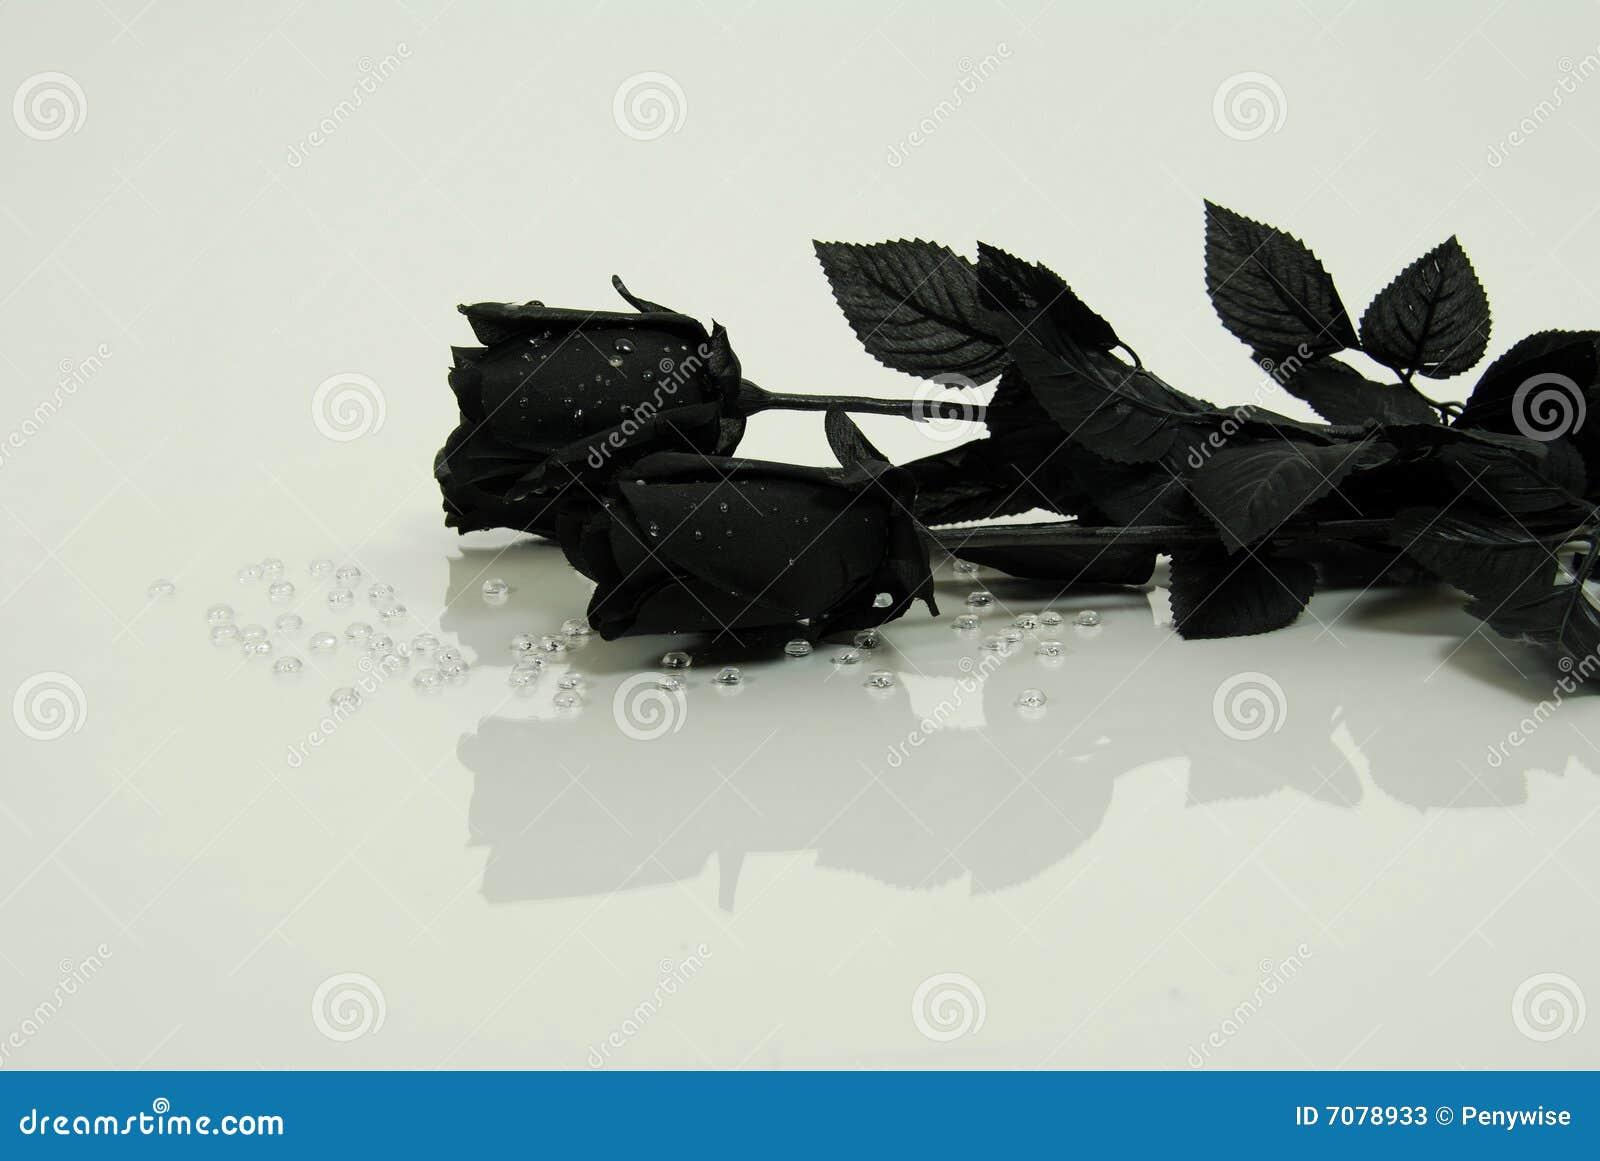 schwarze rose stockbild bild von depress tropfen stieg 7078933. Black Bedroom Furniture Sets. Home Design Ideas